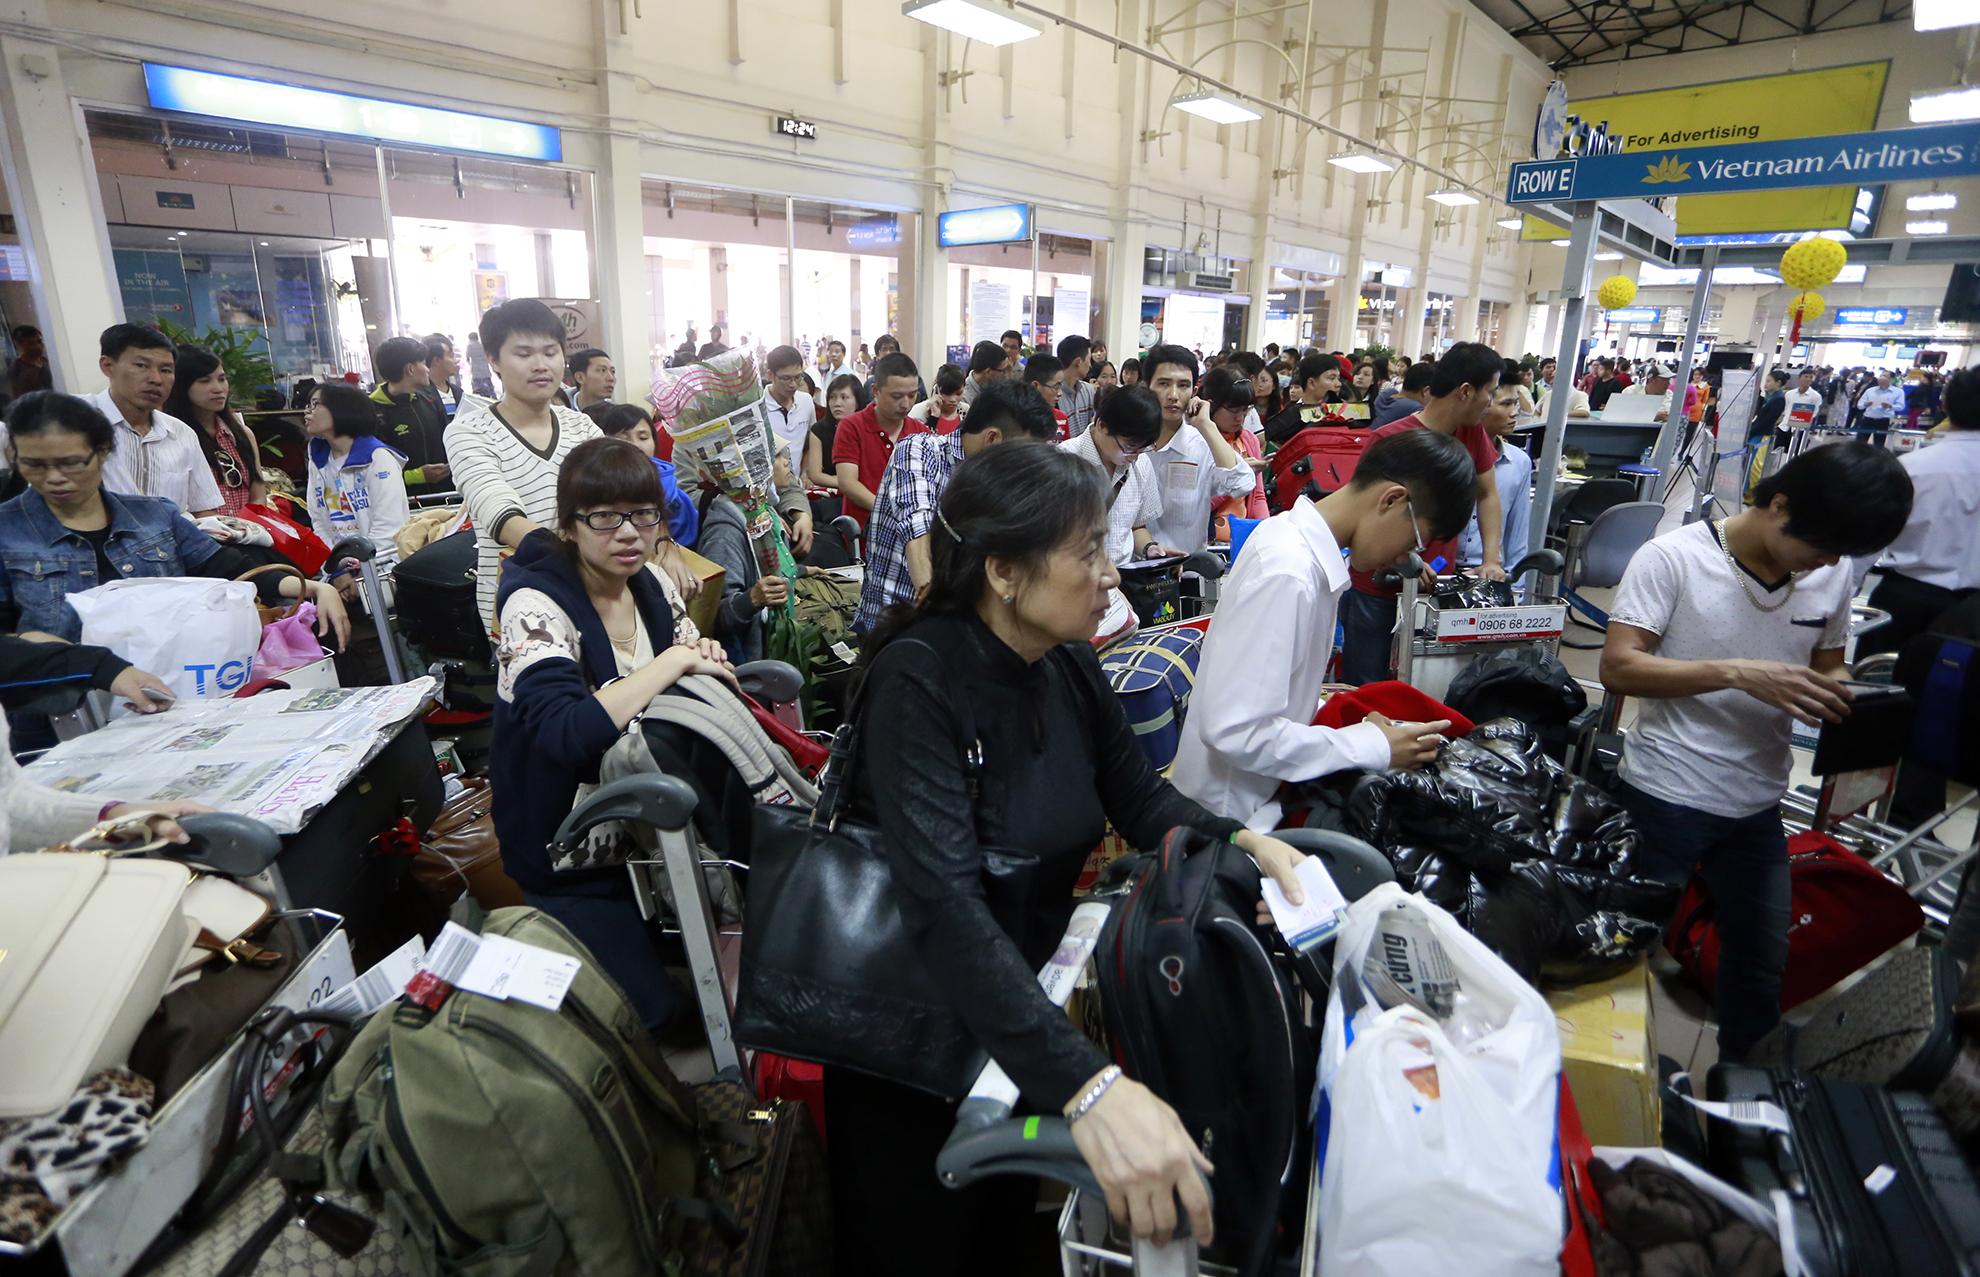 Mỗi dịp nghỉ Tết Nguyên Đán, lượng hành khách về quê ăn Tết bằng đường hàng không lại tăng đột biến. Ảnh minh họa